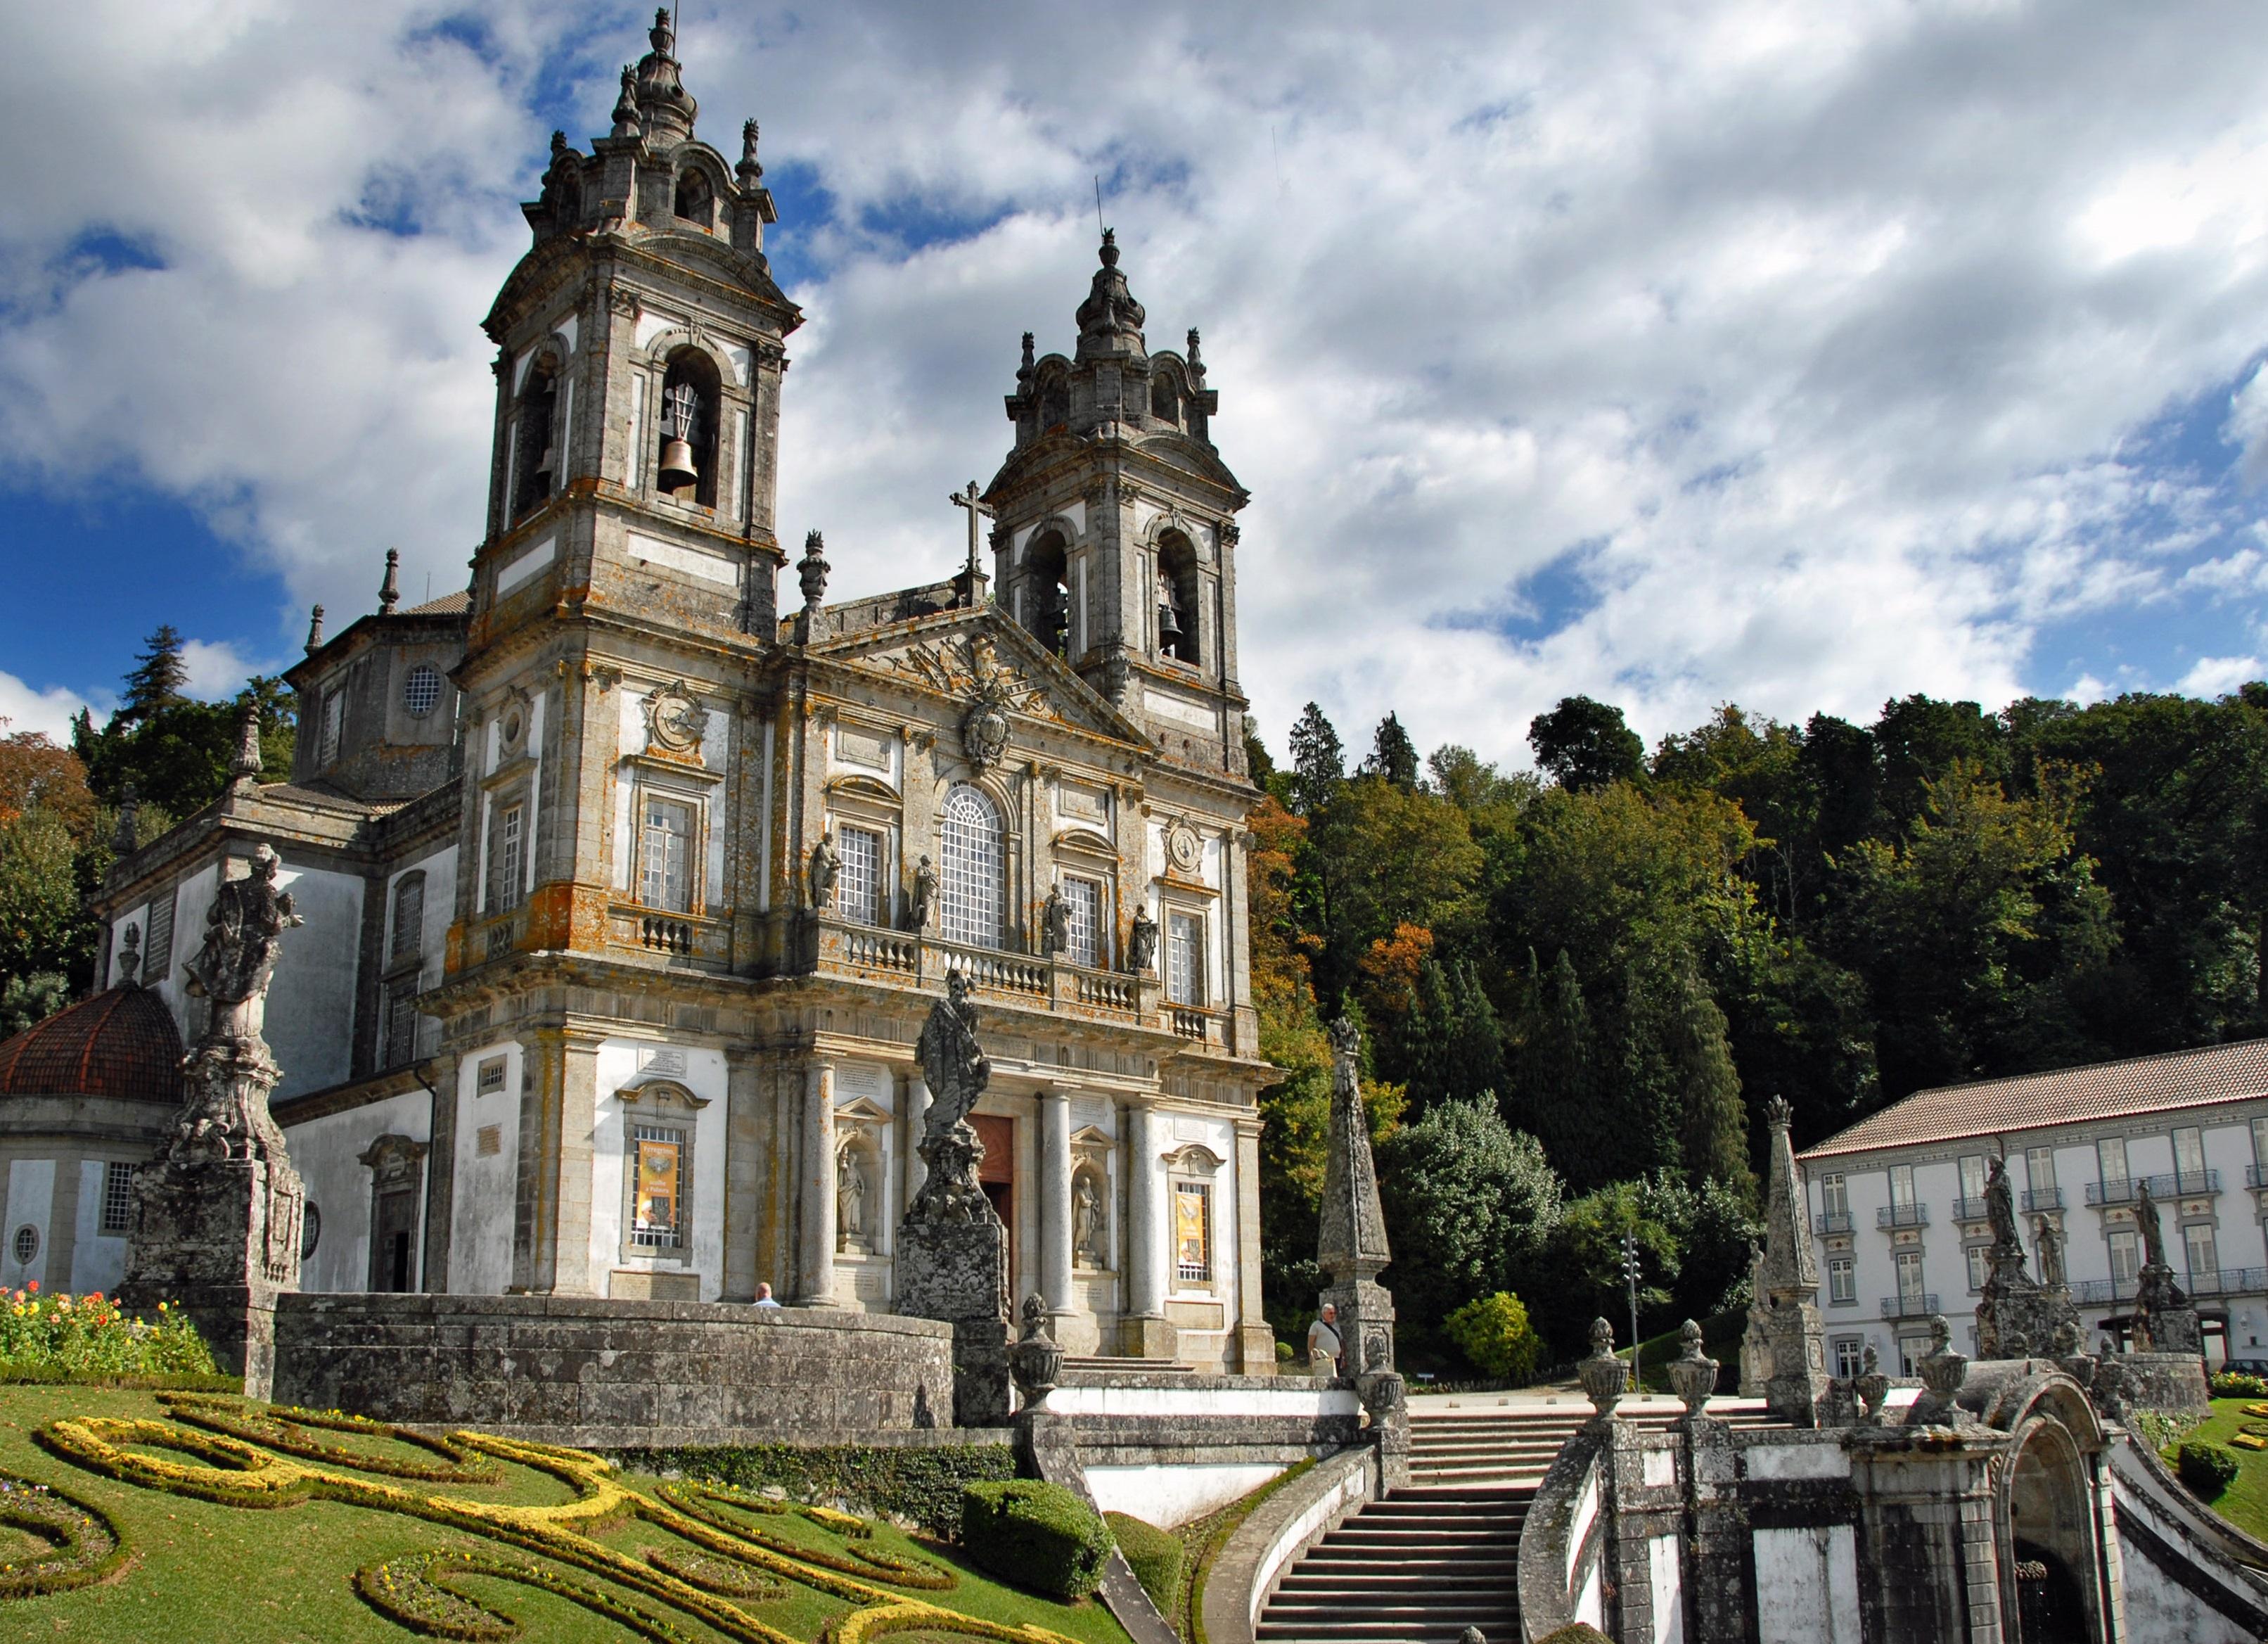 Португалският град Брага се нарежда на второ място в престижната класация. Районът на Брага е едно от най-старите населени места в Европа. В португалския град ще можете да се докоснете до историята на първите жители на континента и ще видите много католически катедрали.